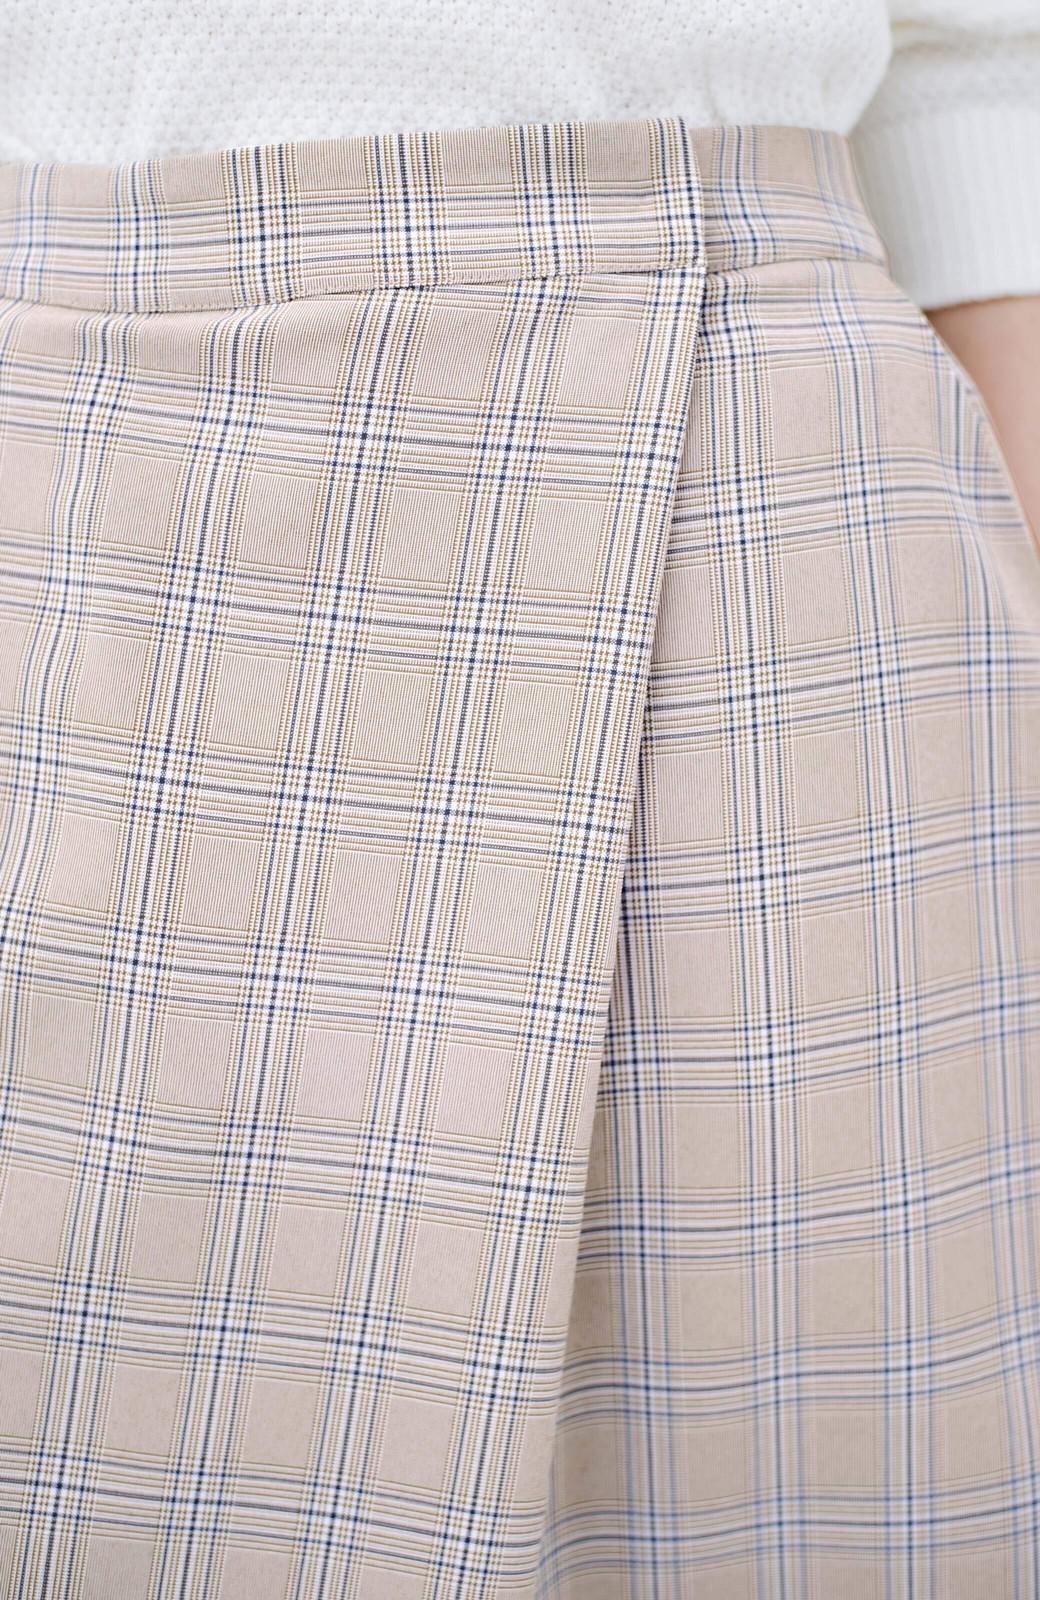 haco! 動きやすいのにちゃんと女子見え スカートみたいな華やかチェックパンツ <ブラウン系その他>の商品写真7